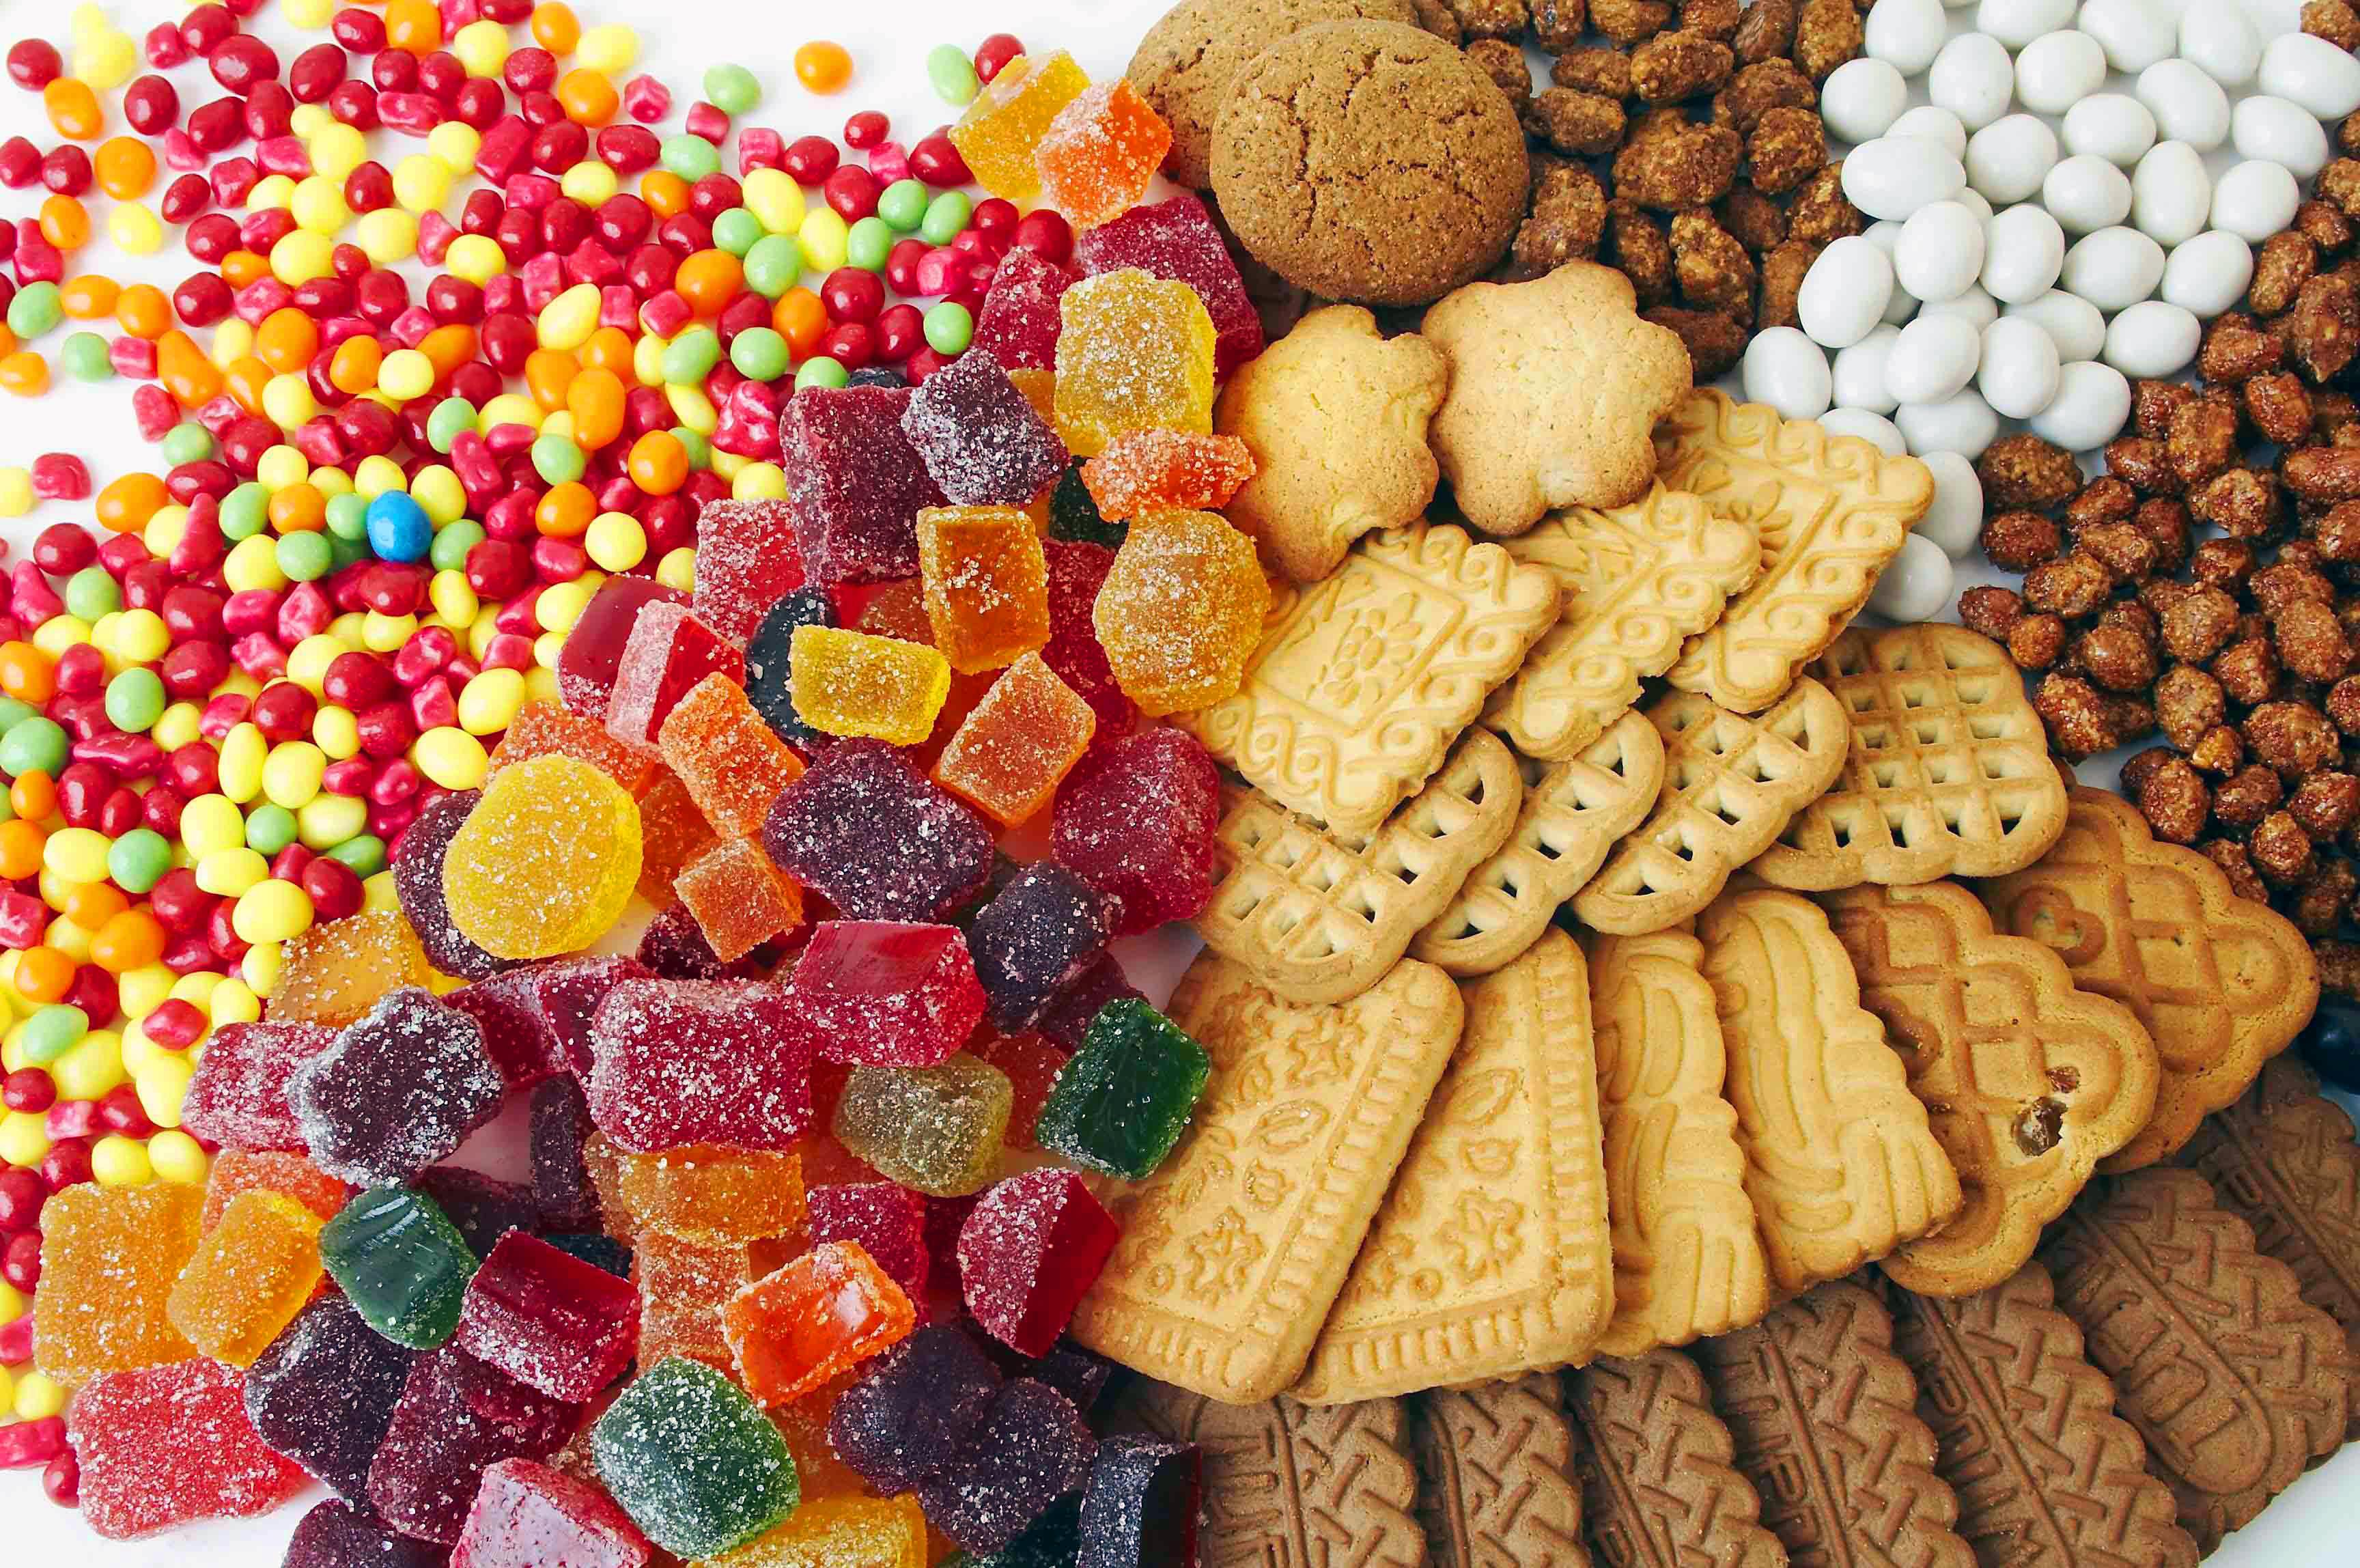 картинки продуктов конфеты перевозку можно